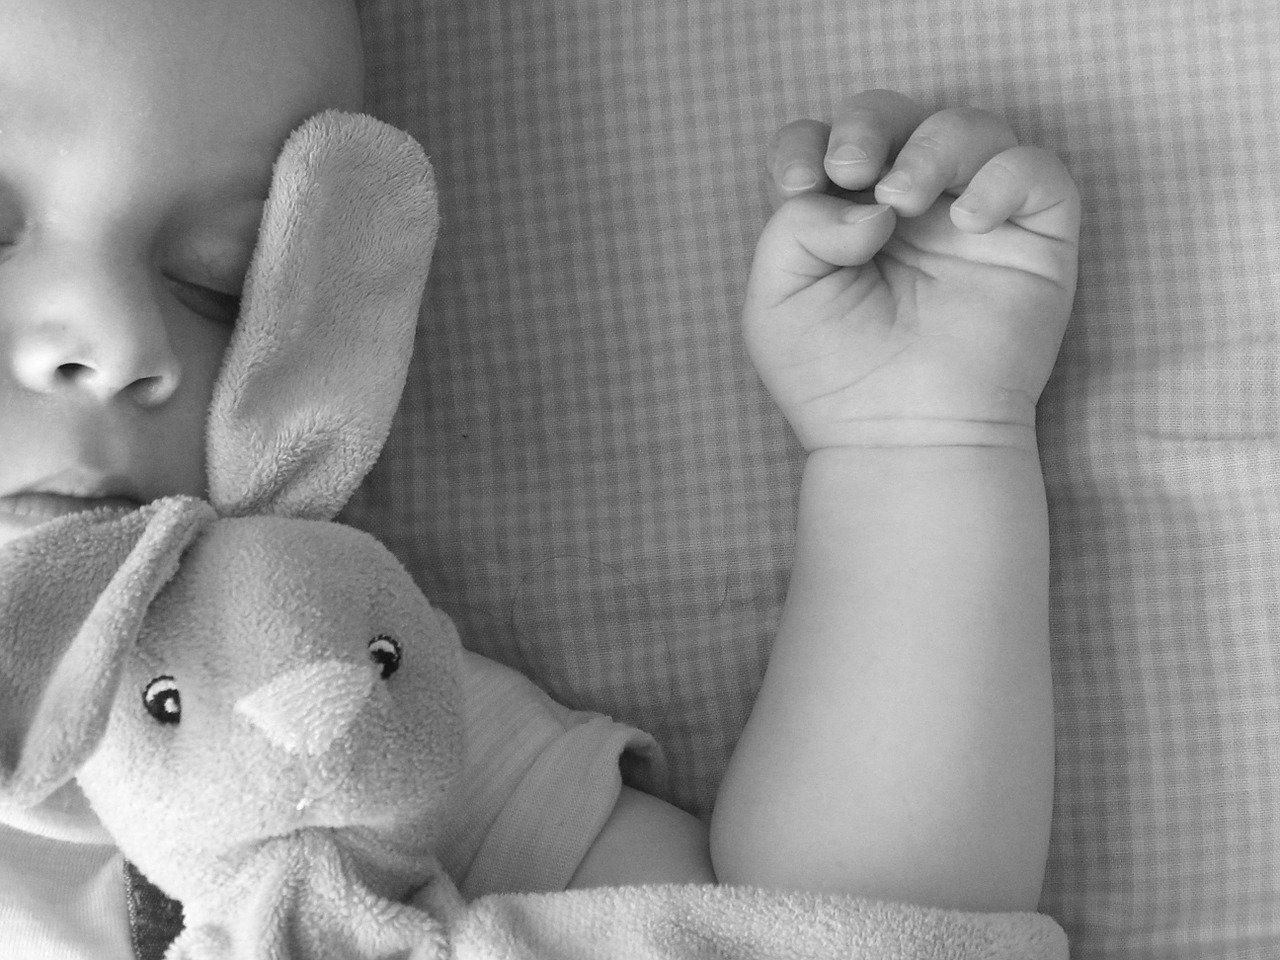 ¿Qué sabes de los sueños de los bebes?